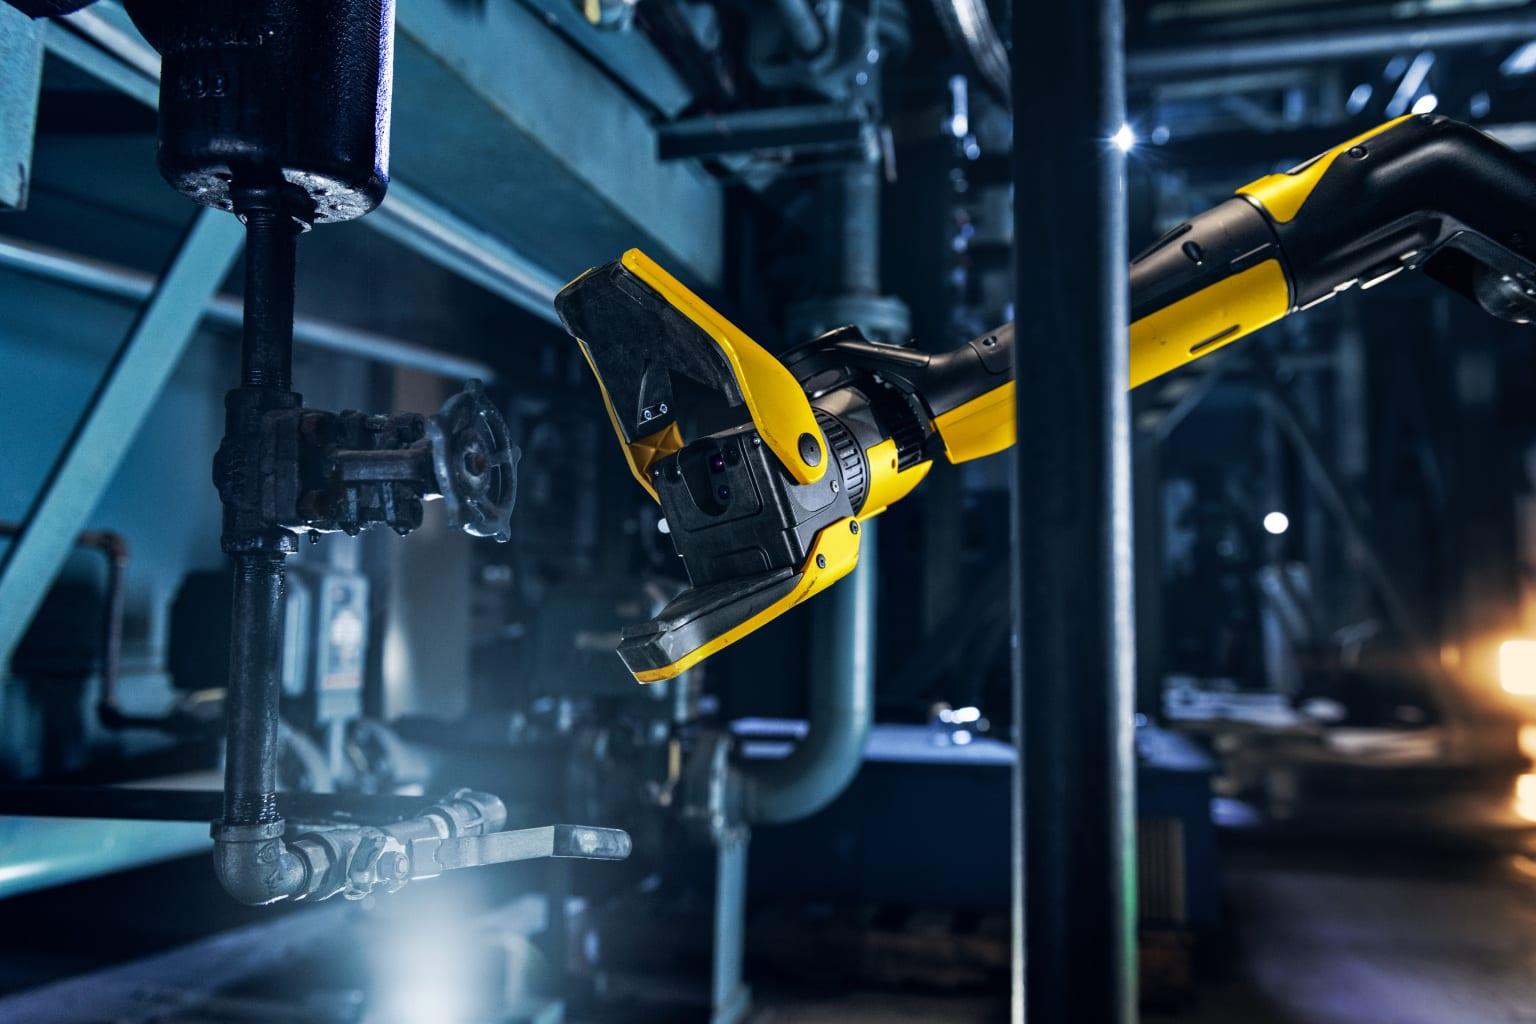 Il cane robot Spot sarà presto in grado di aprire le porte con facilità